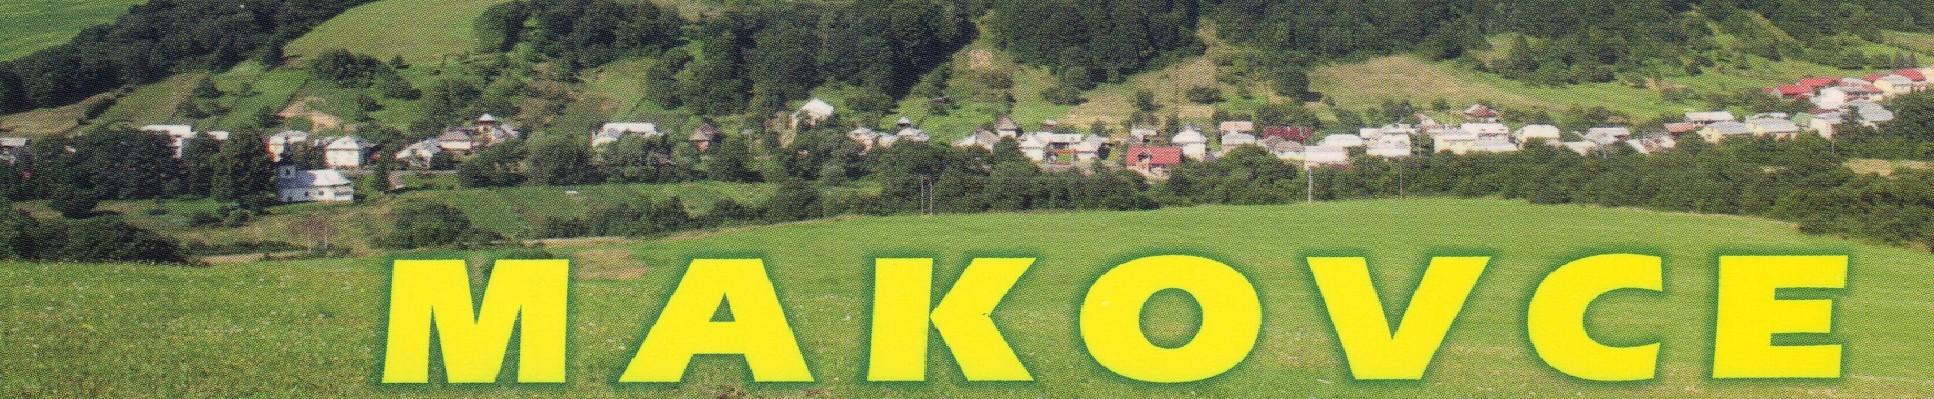 Obec Makovce